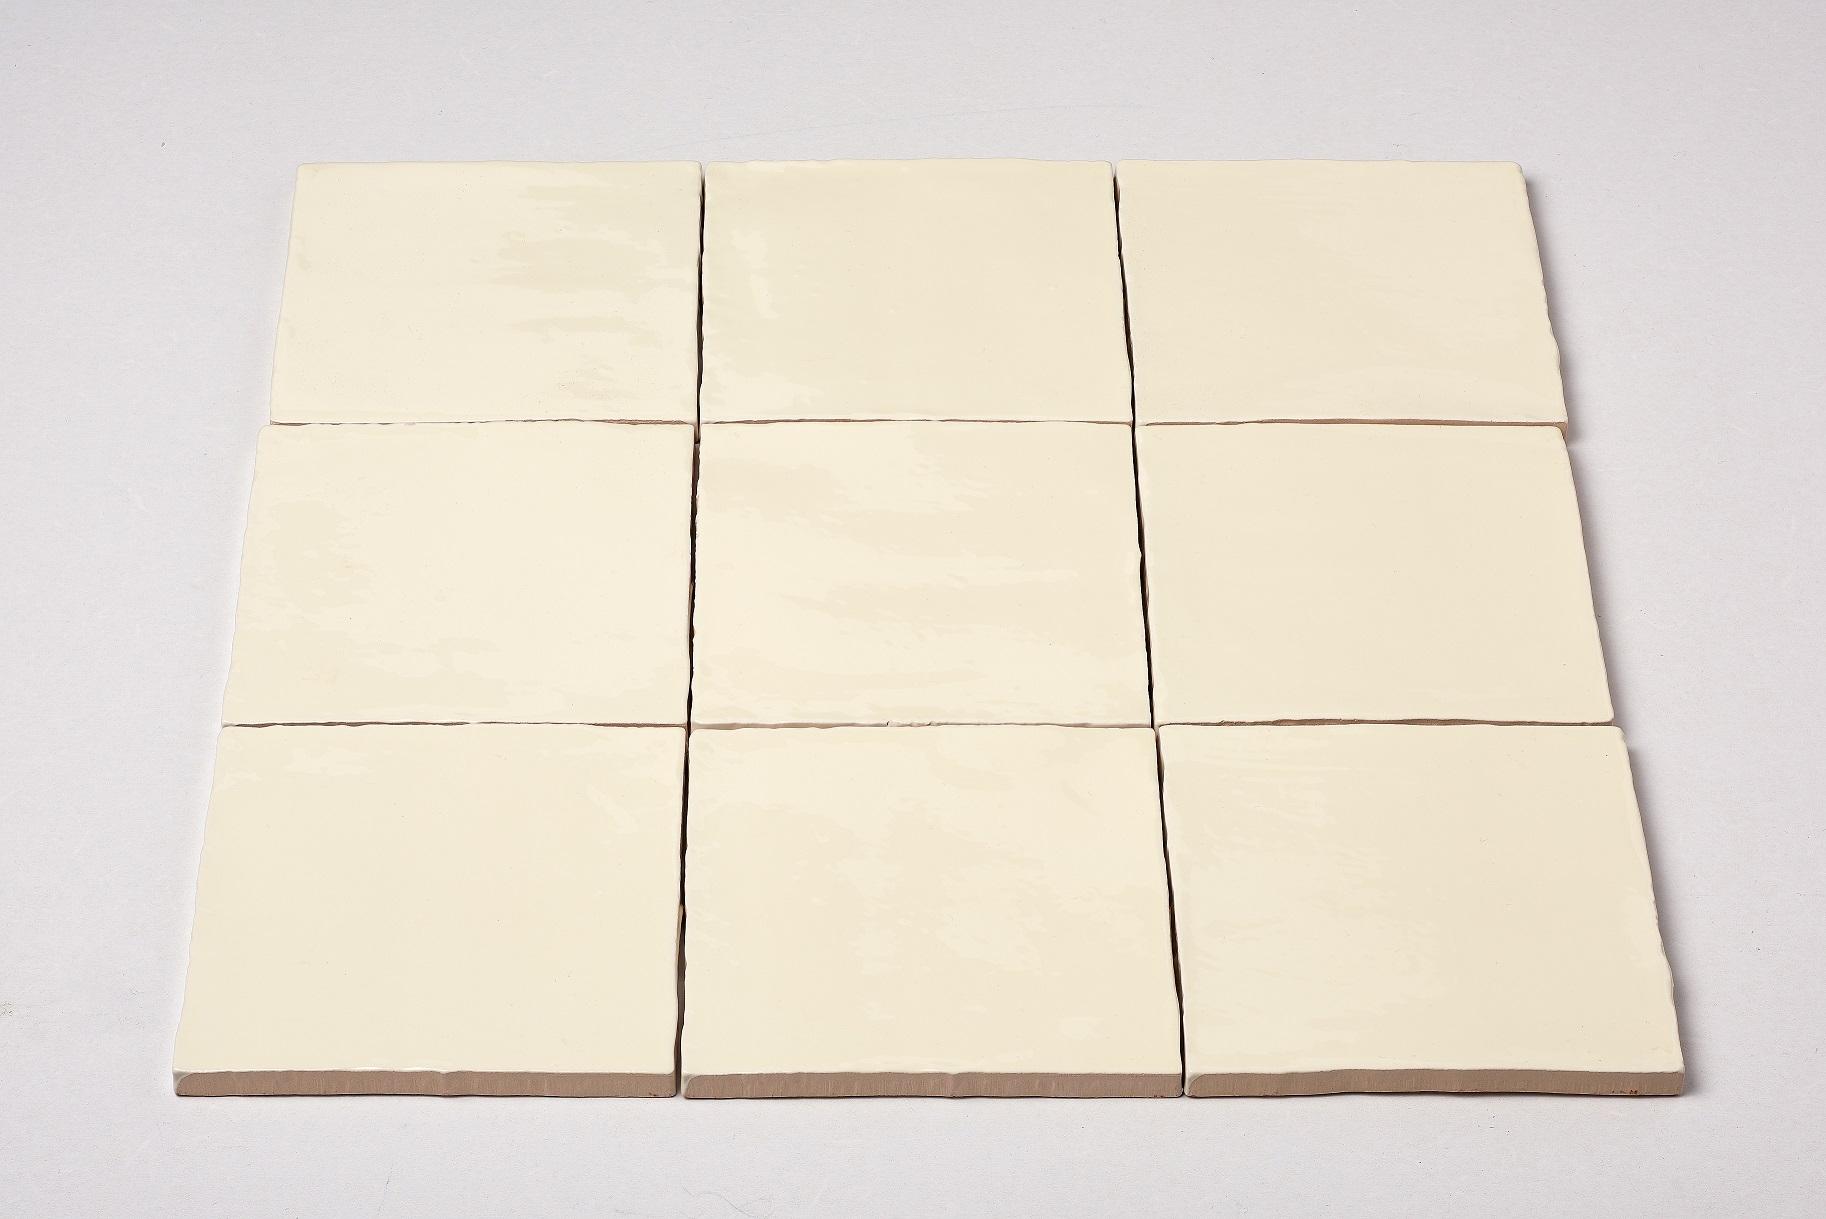 DTG Oud Hollands mozaïek wandtegel 13×13 crema Tegels | Mozaïeken | Standaard mozaiek kopen? Lees eerst hier en profiteer van extra voordeel